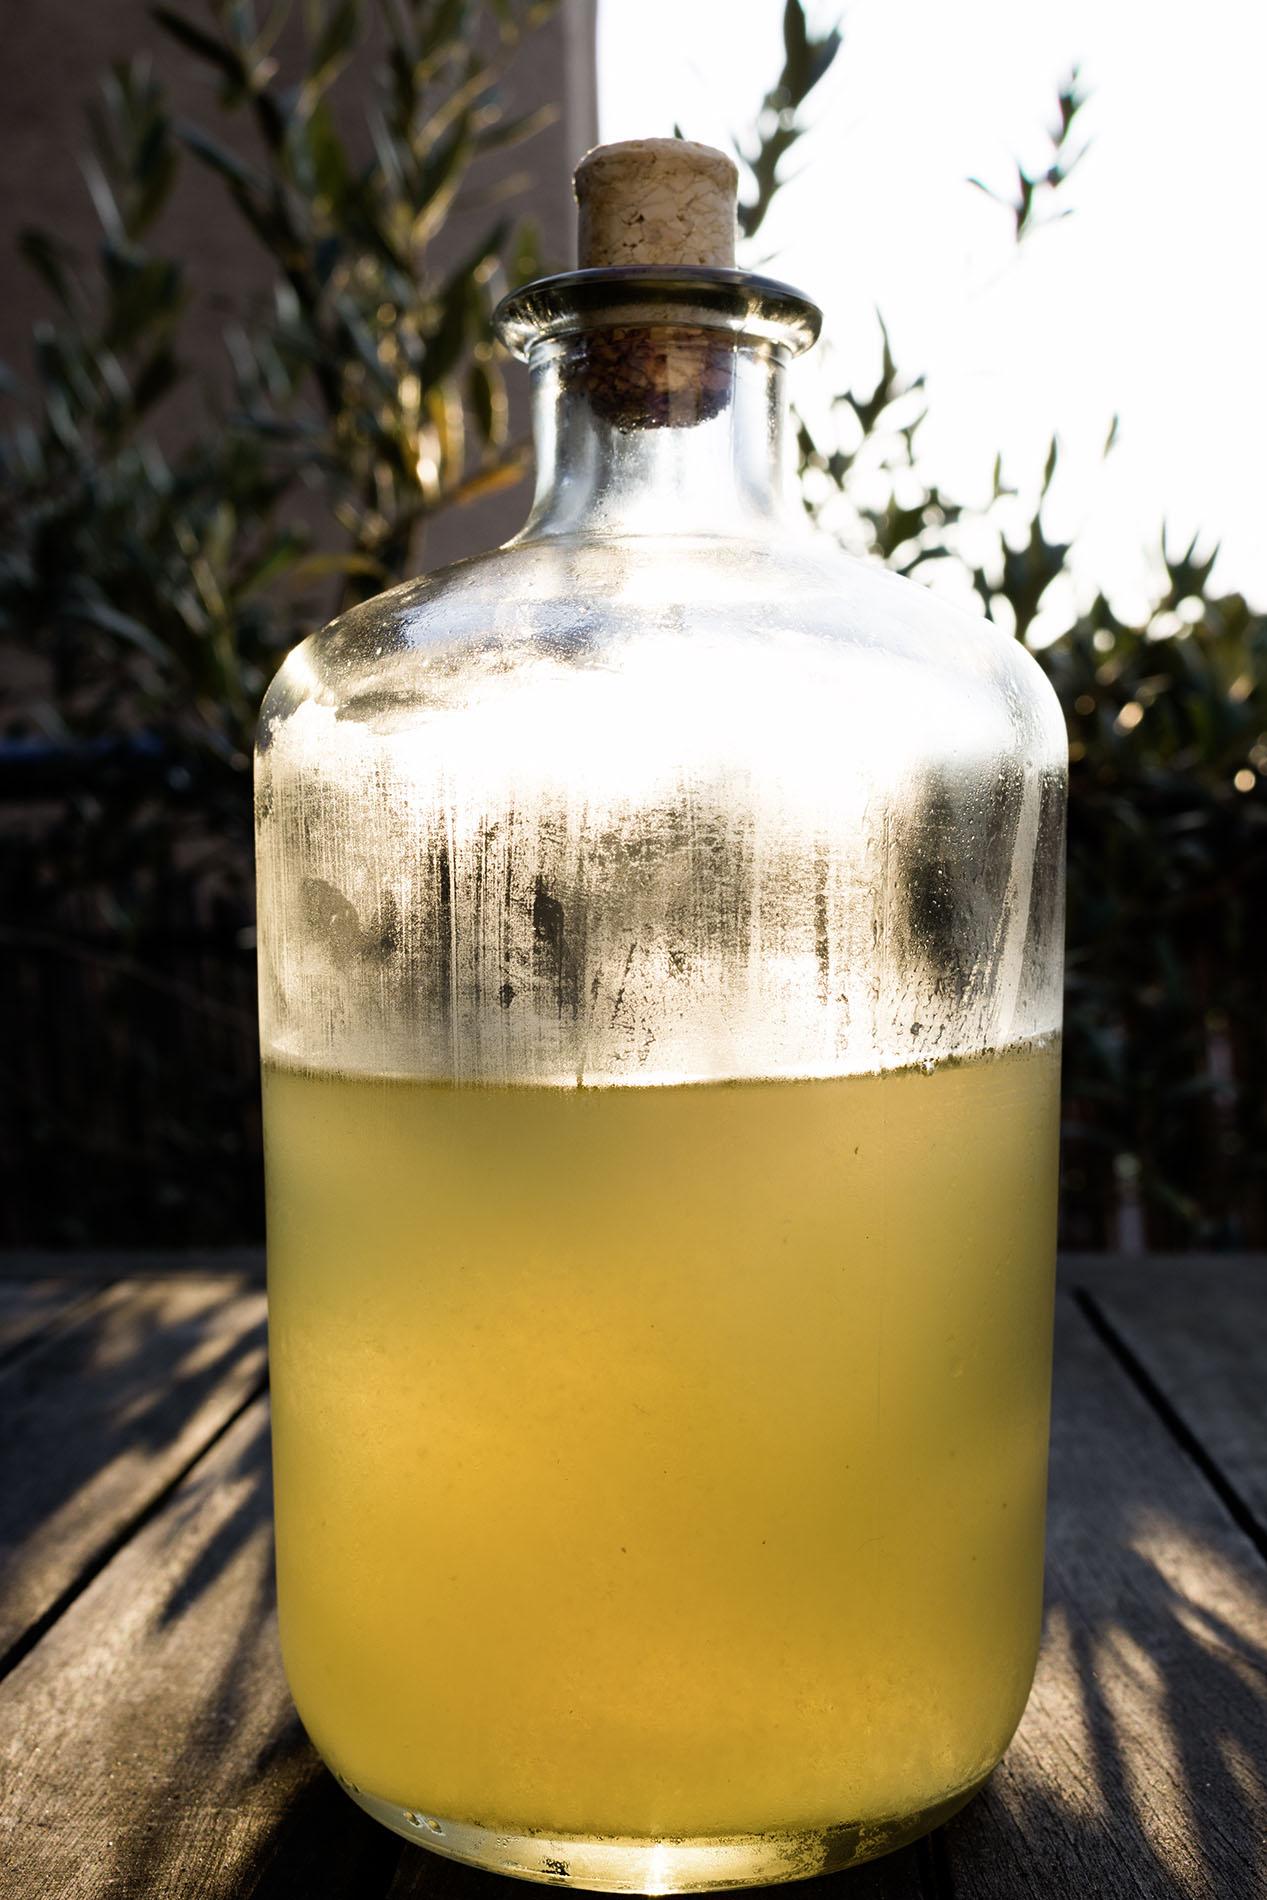 Brühe in der Flasche